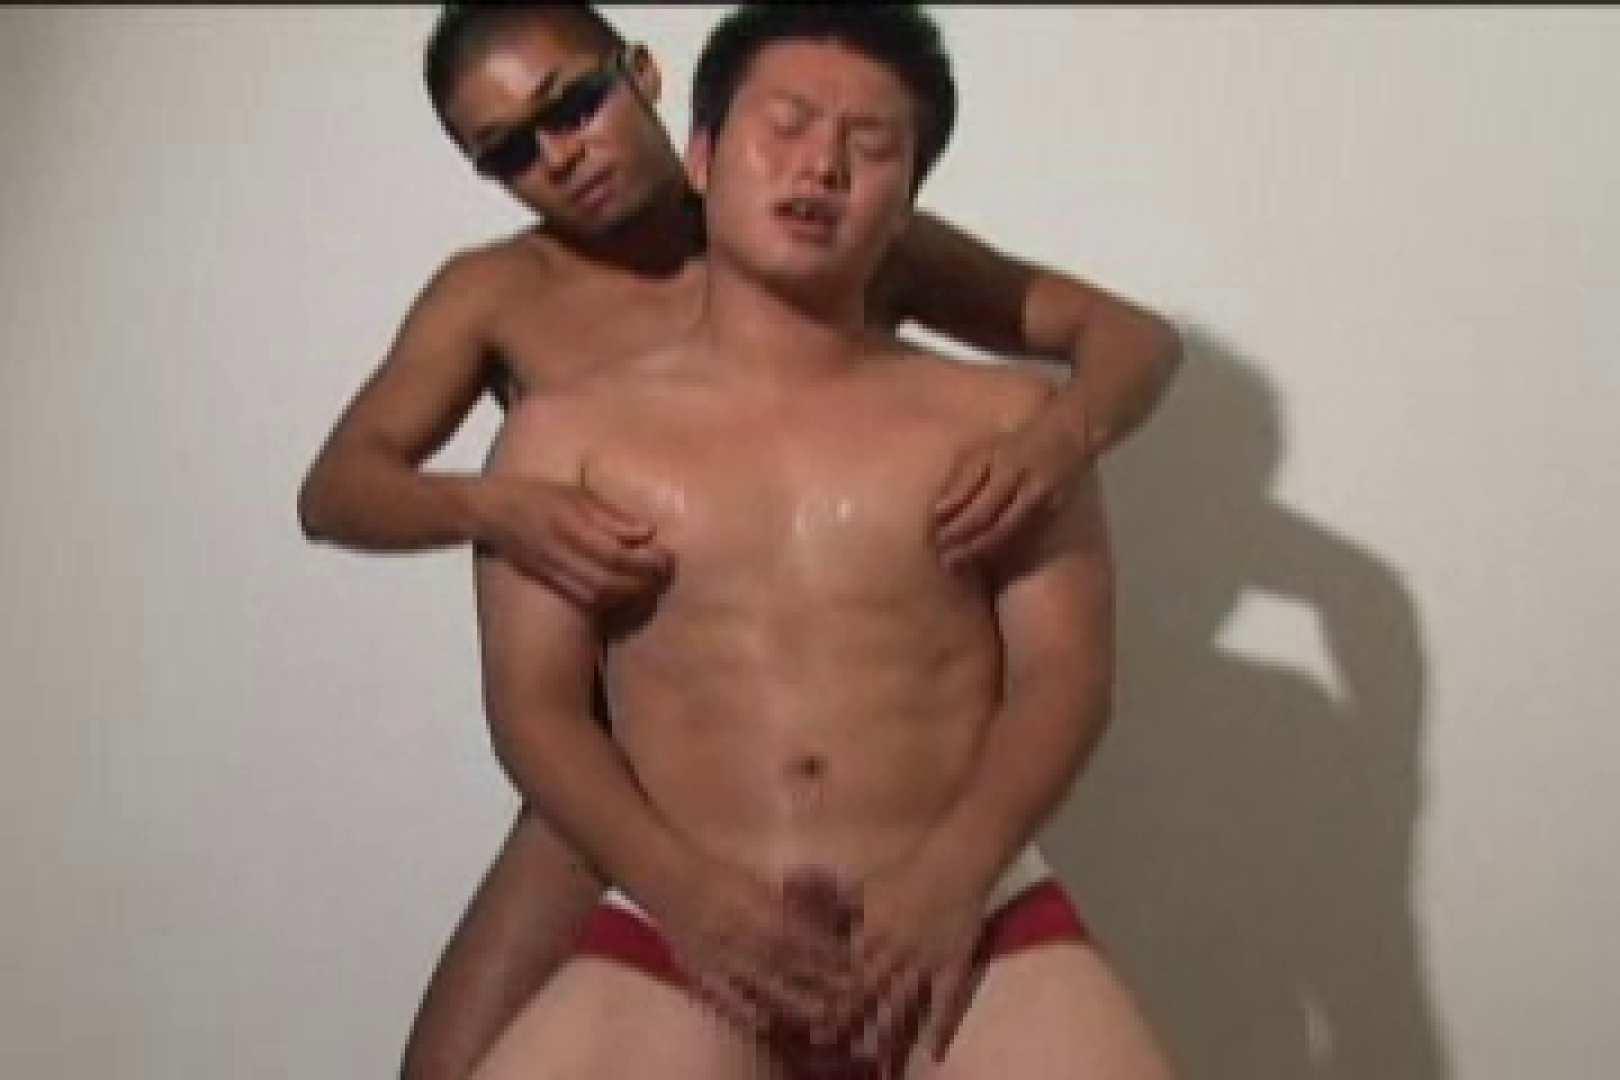 スポMENファック!!反り勃つ男根!!vol.3 男の世界 ゲイ精子画像 51画像 26